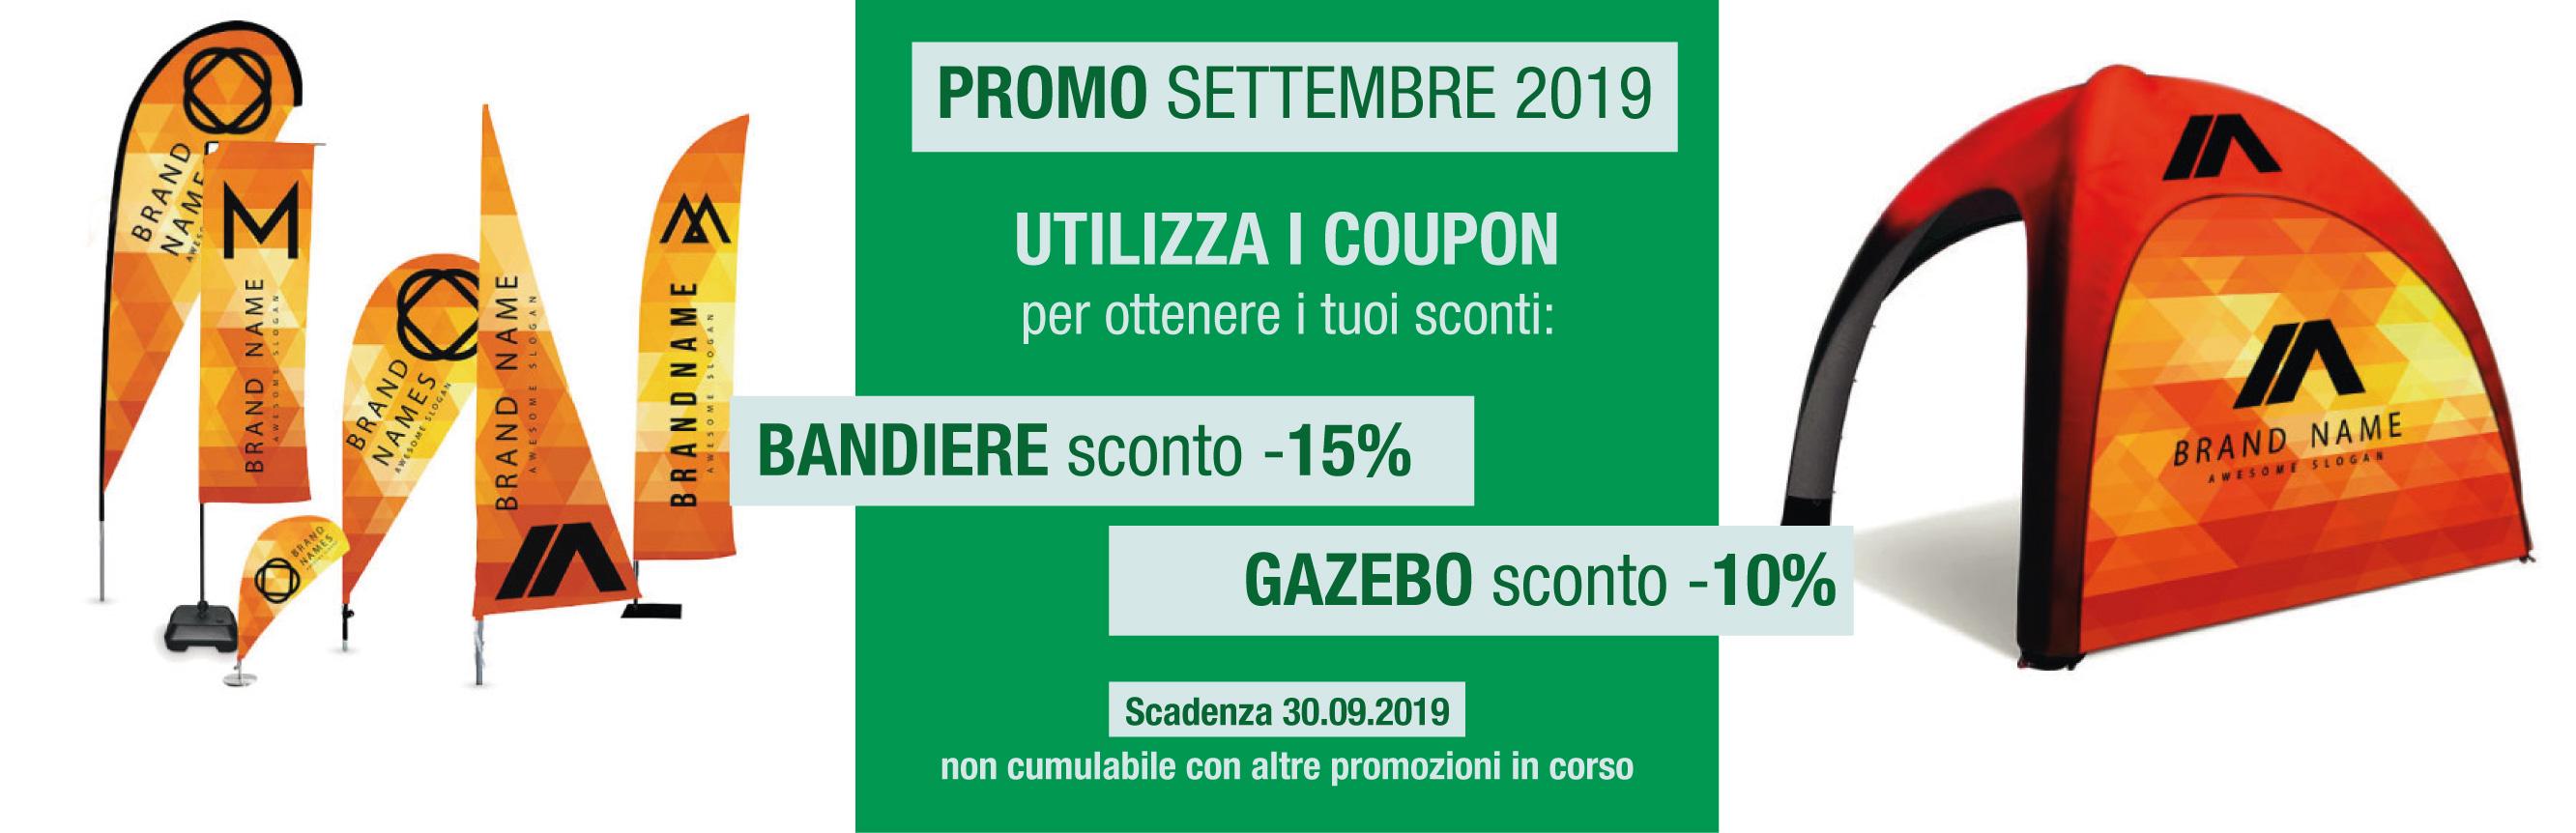 promozione settembre 2019 bandiere e gazebo gonfiabile